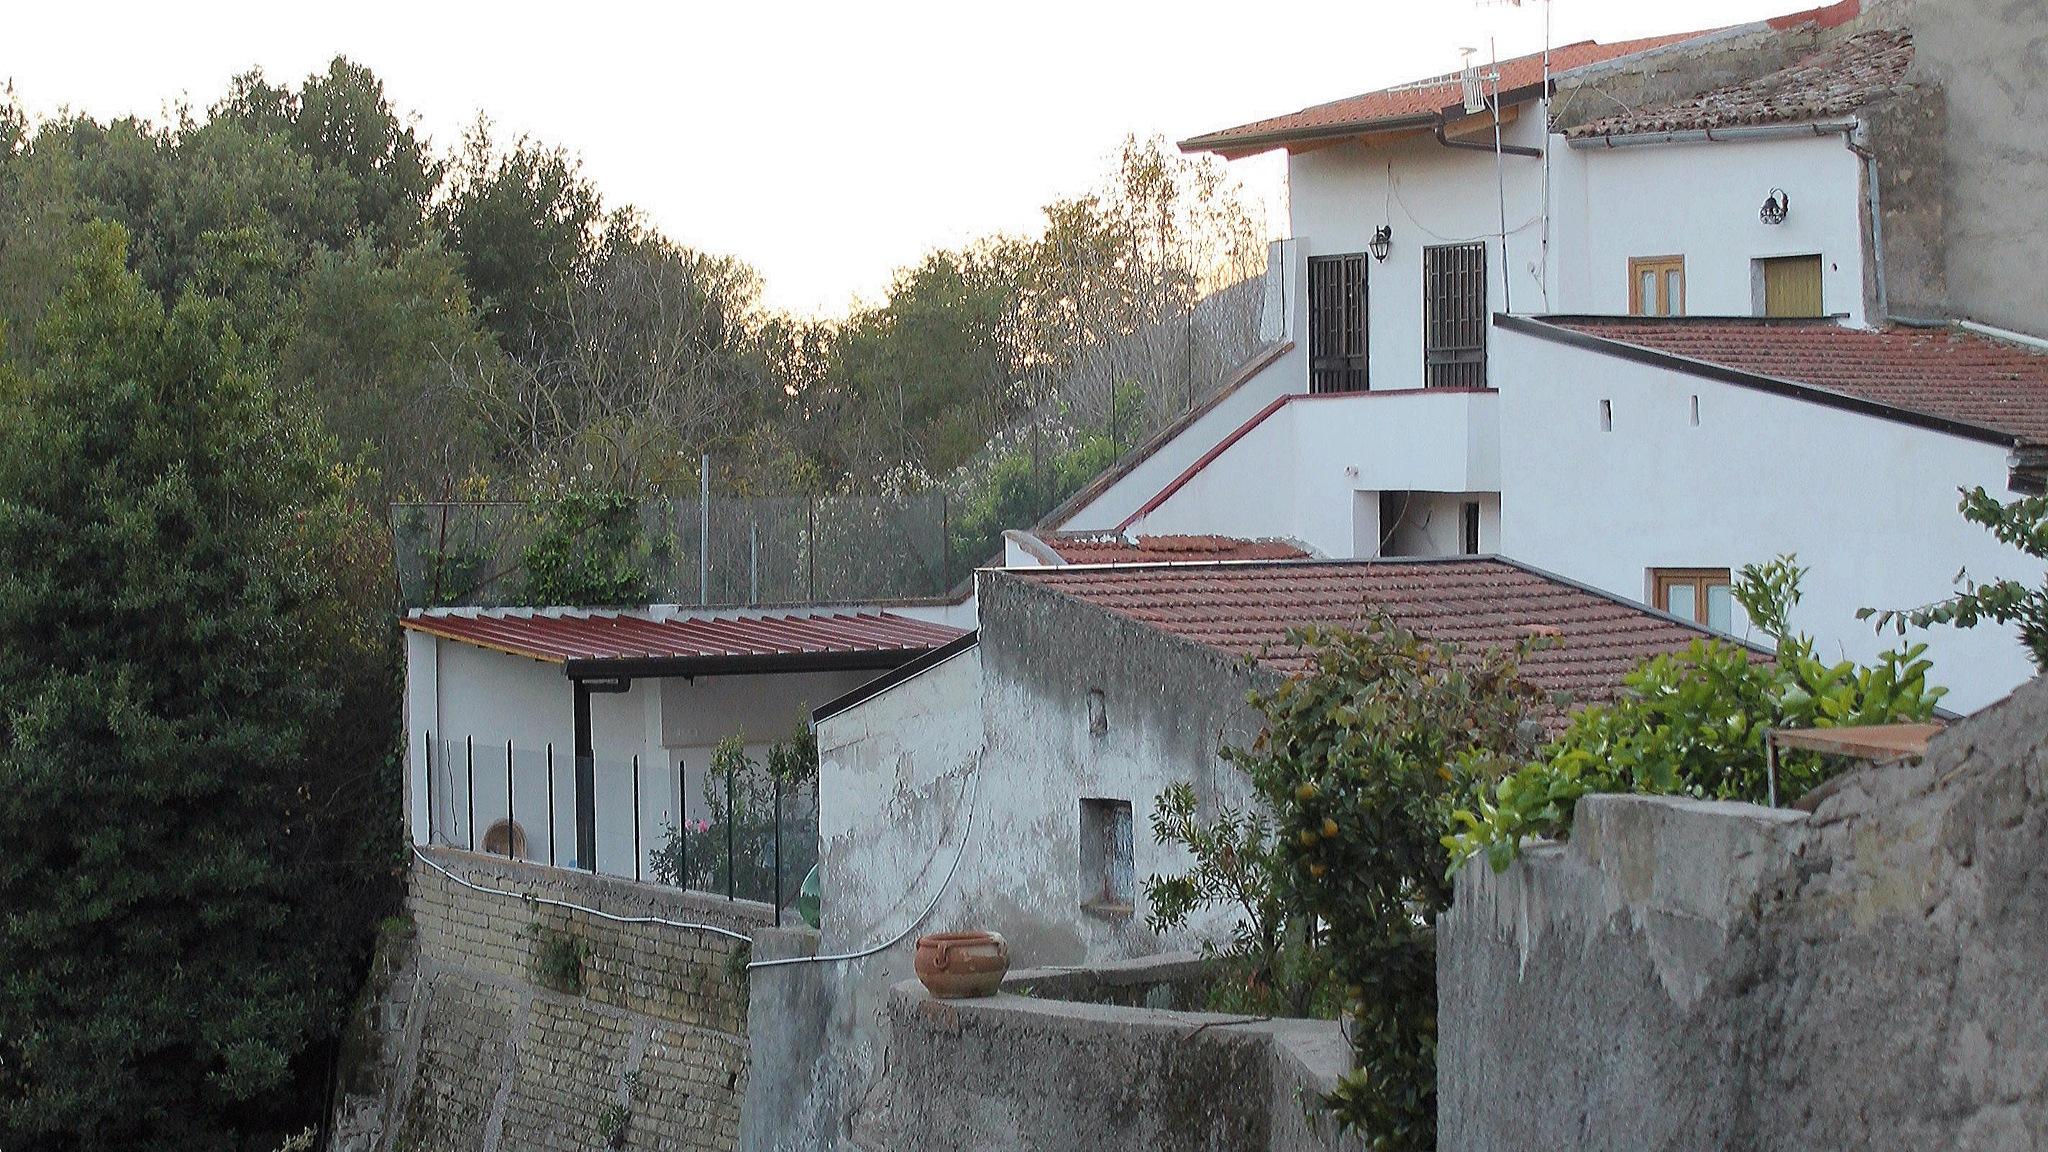 Carinola. Scorcio del borgo by Salvatore Bertolino